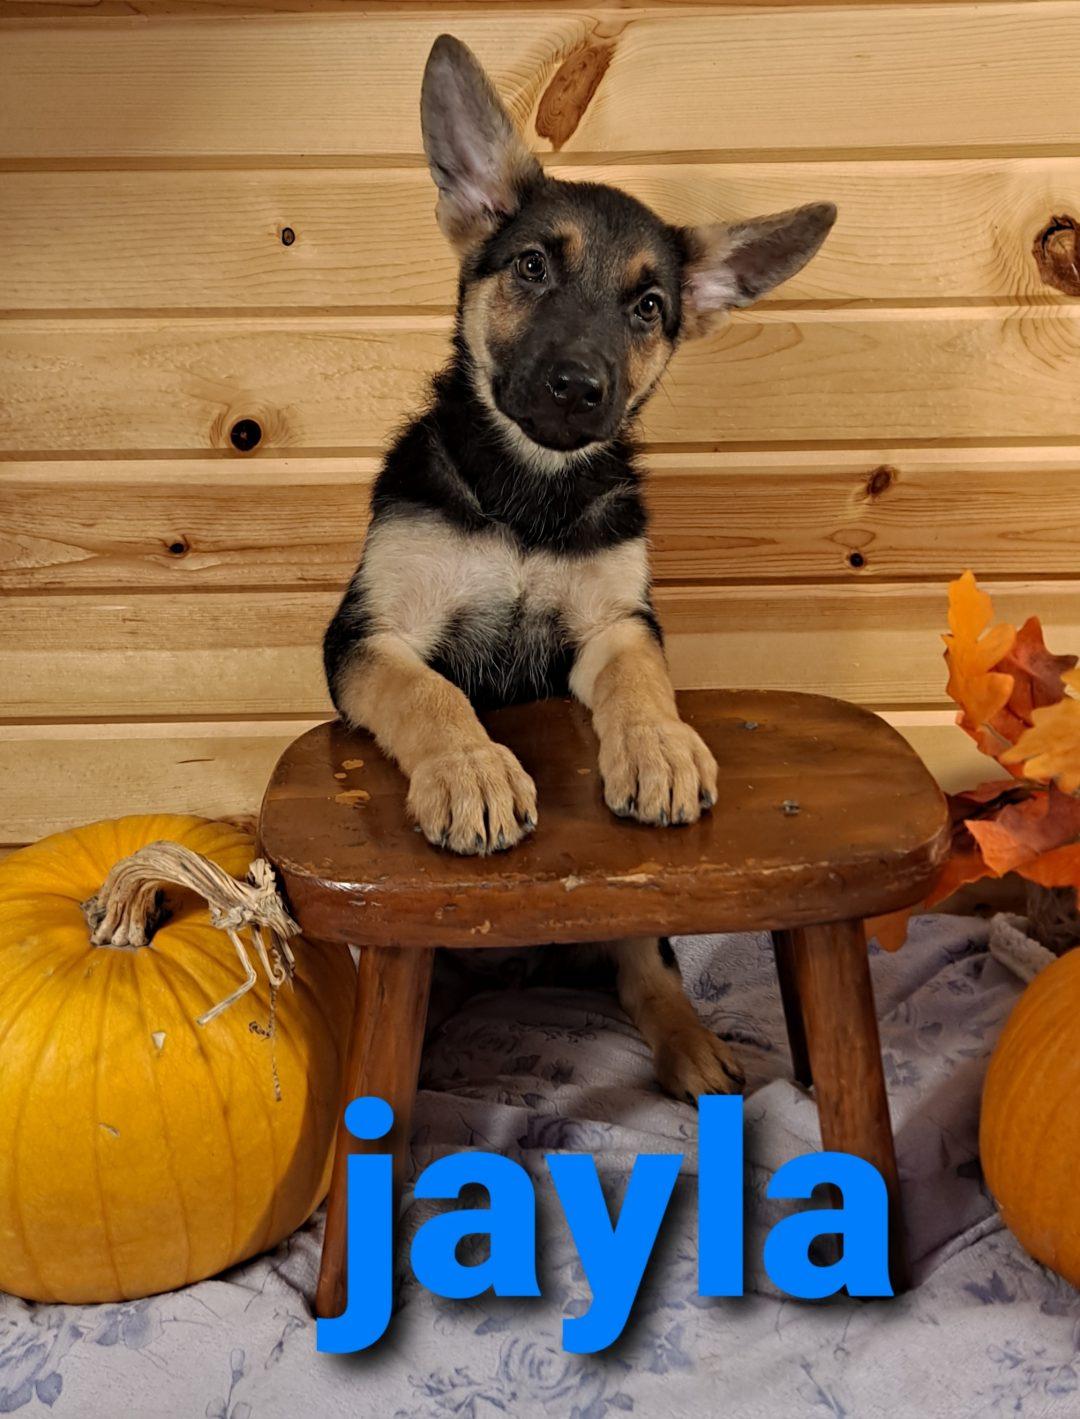 Jayla - AKC German Shepherd puppy for sale in Grabill, Indiana